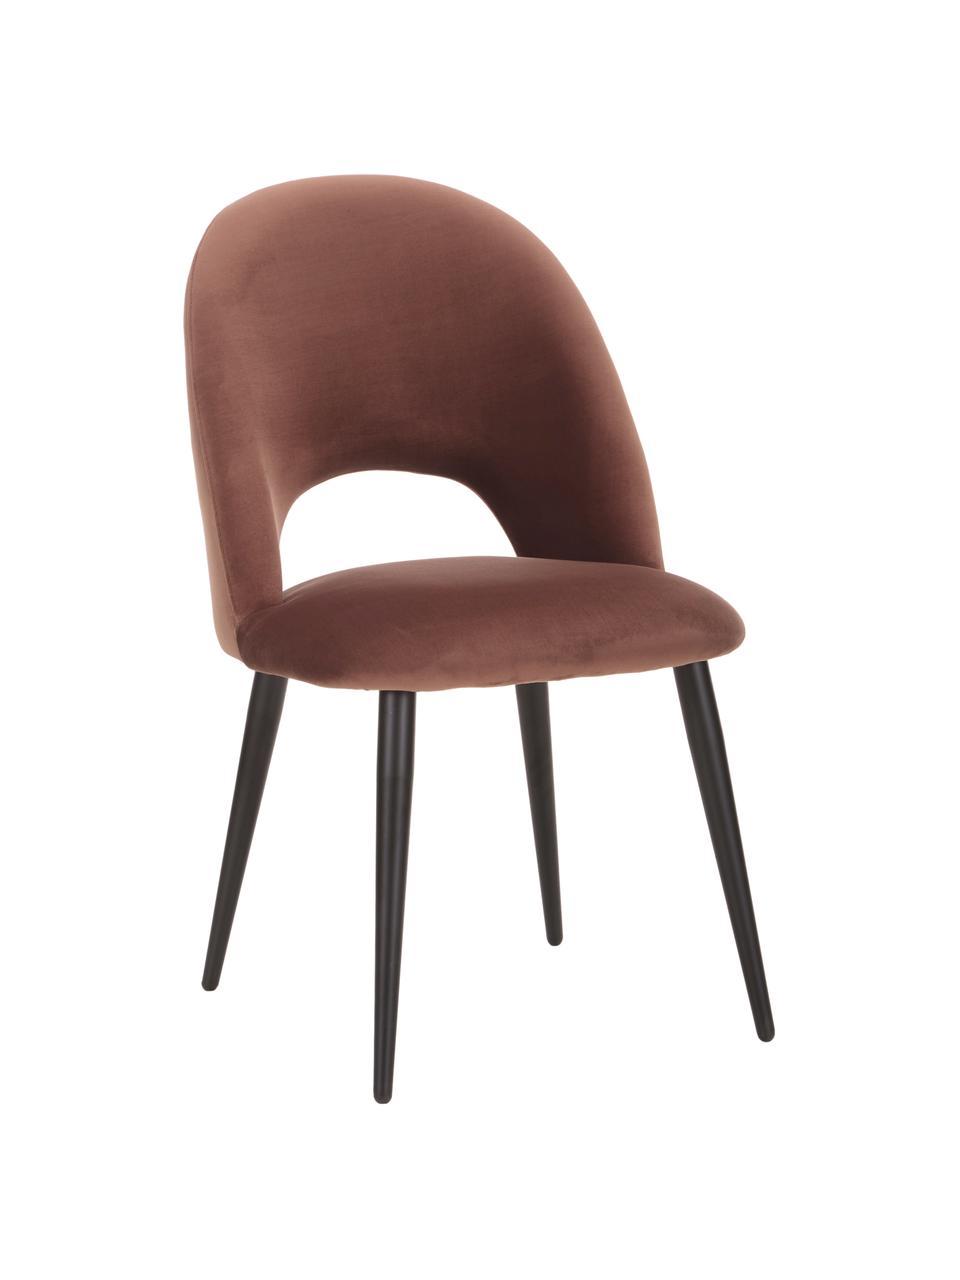 Sedia imbottita in velluto marrone Rachel, Rivestimento: (100% poliestere) Con 50., Gambe: metallo verniciato a polv, Velluto marrone, Larg. 53 x Prof. 57 cm